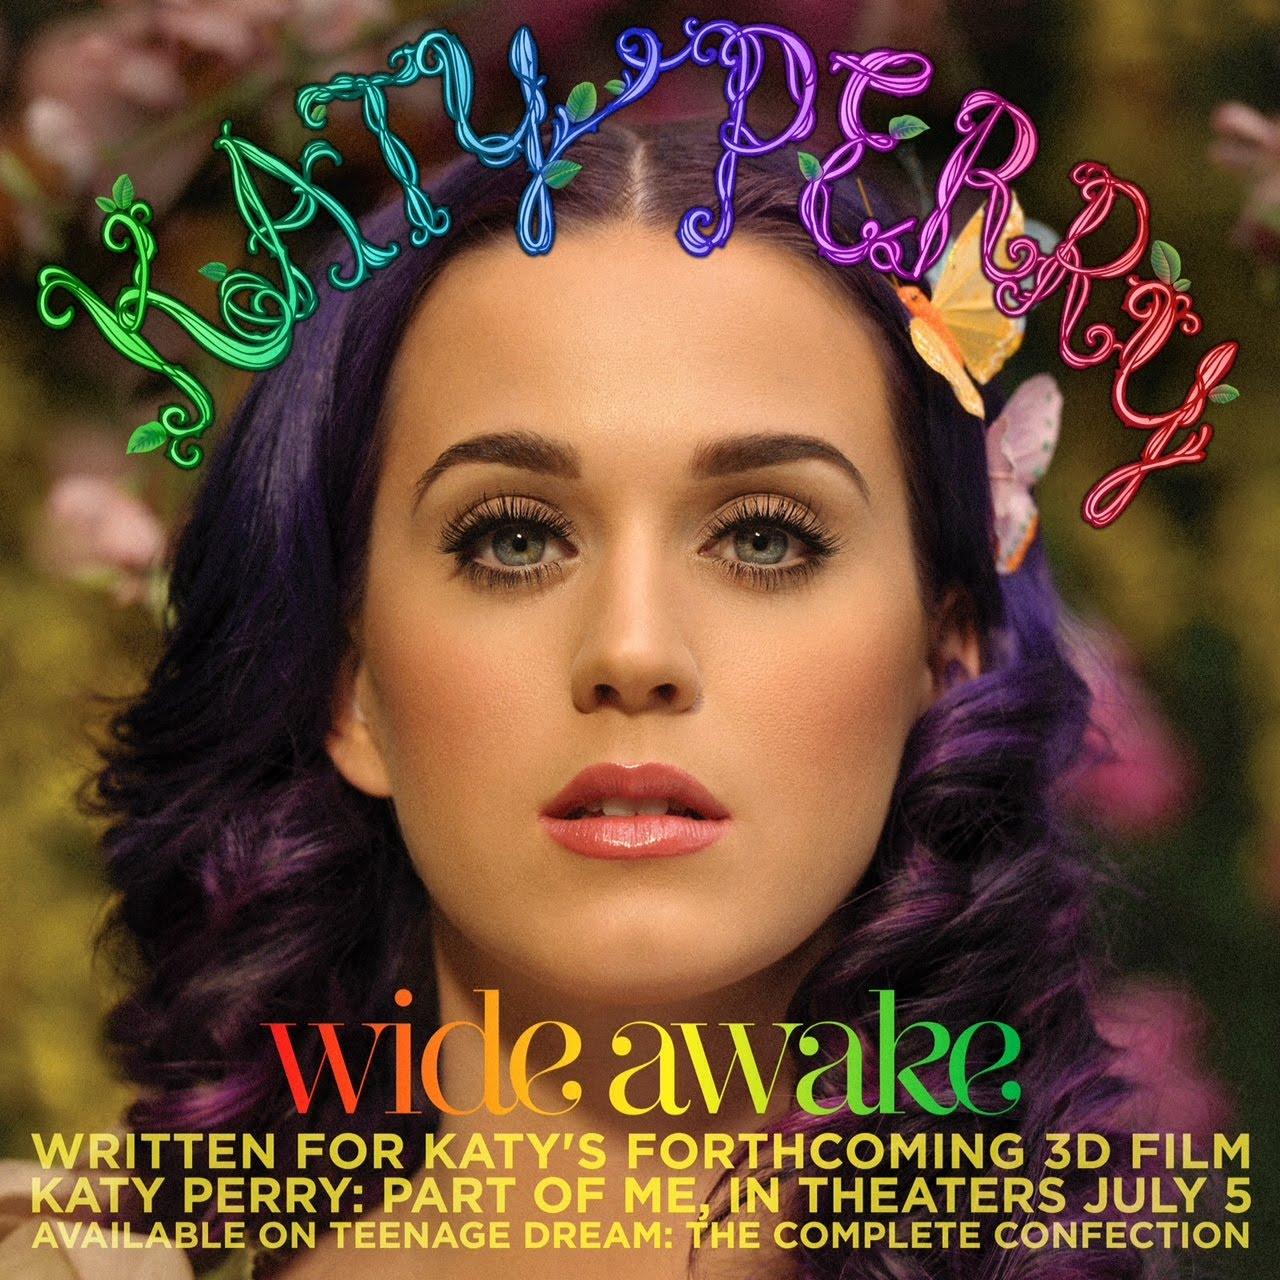 http://2.bp.blogspot.com/-KS52bQcQiCk/T-gmb0dttTI/AAAAAAAAAM8/QfMkSpdnExs/s1600/katy+perry+-+wide+awake.jpg